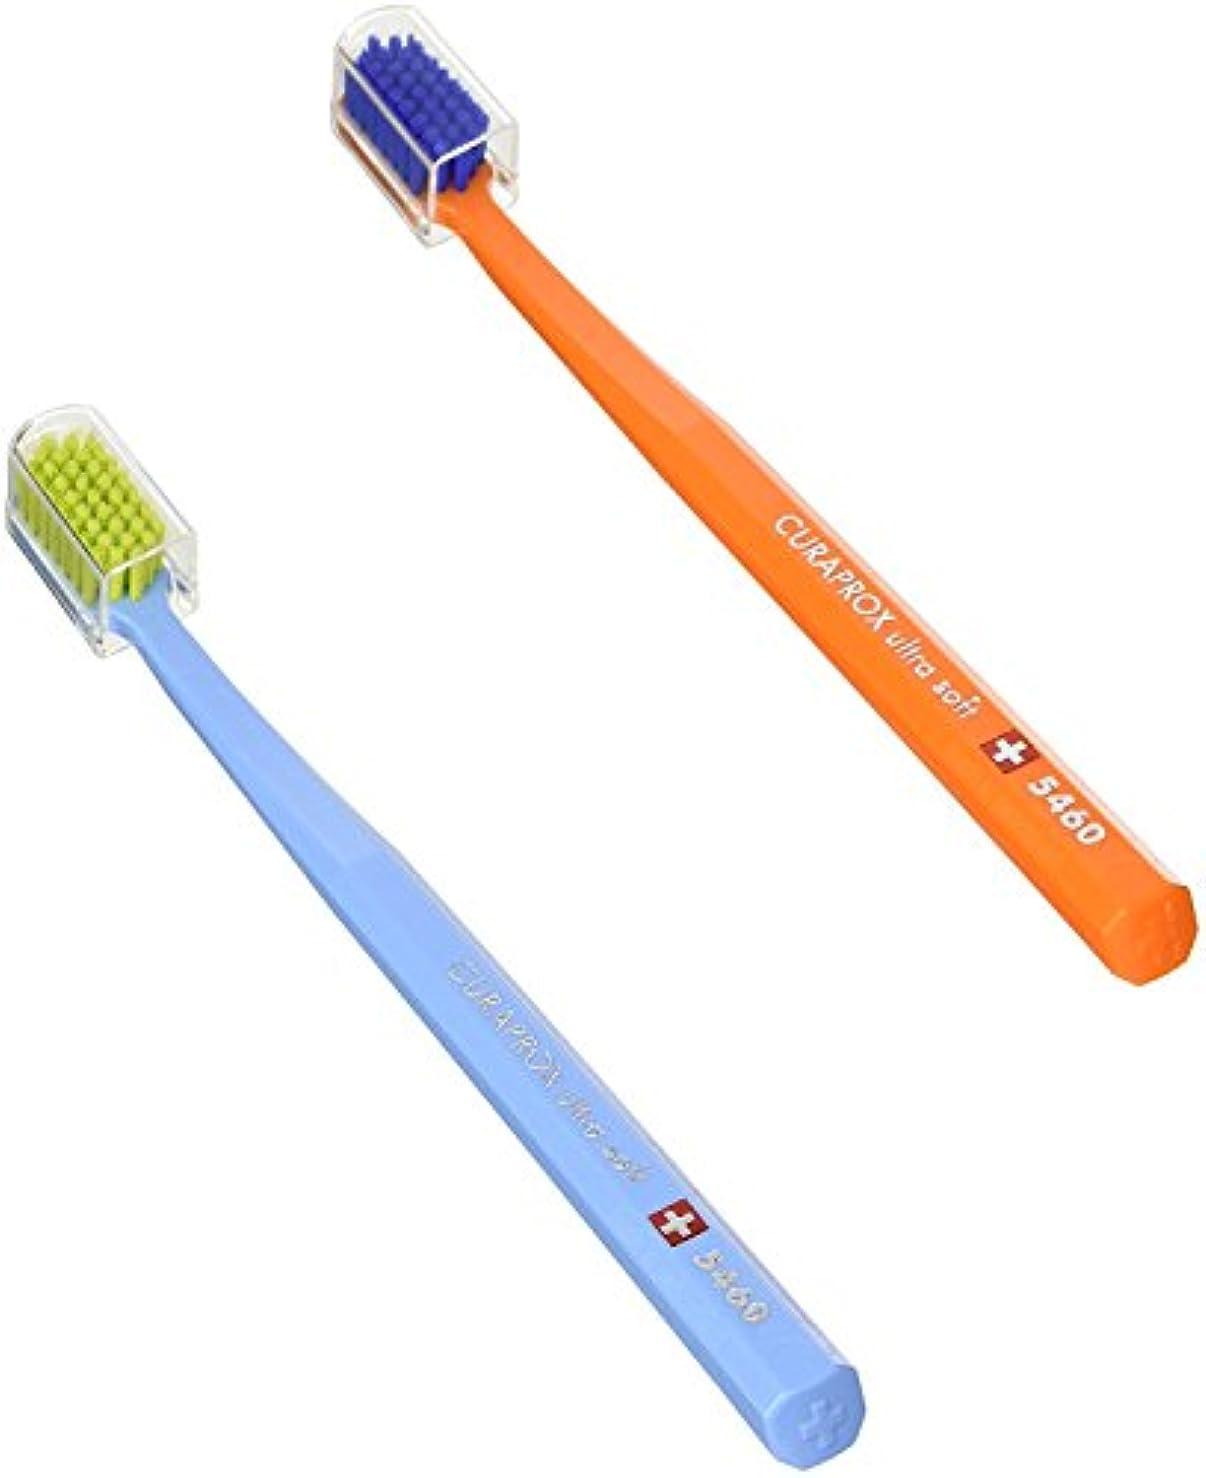 一次援助カレッジキュラプロックス 5460ウルトラソフト歯ブラシ 2本